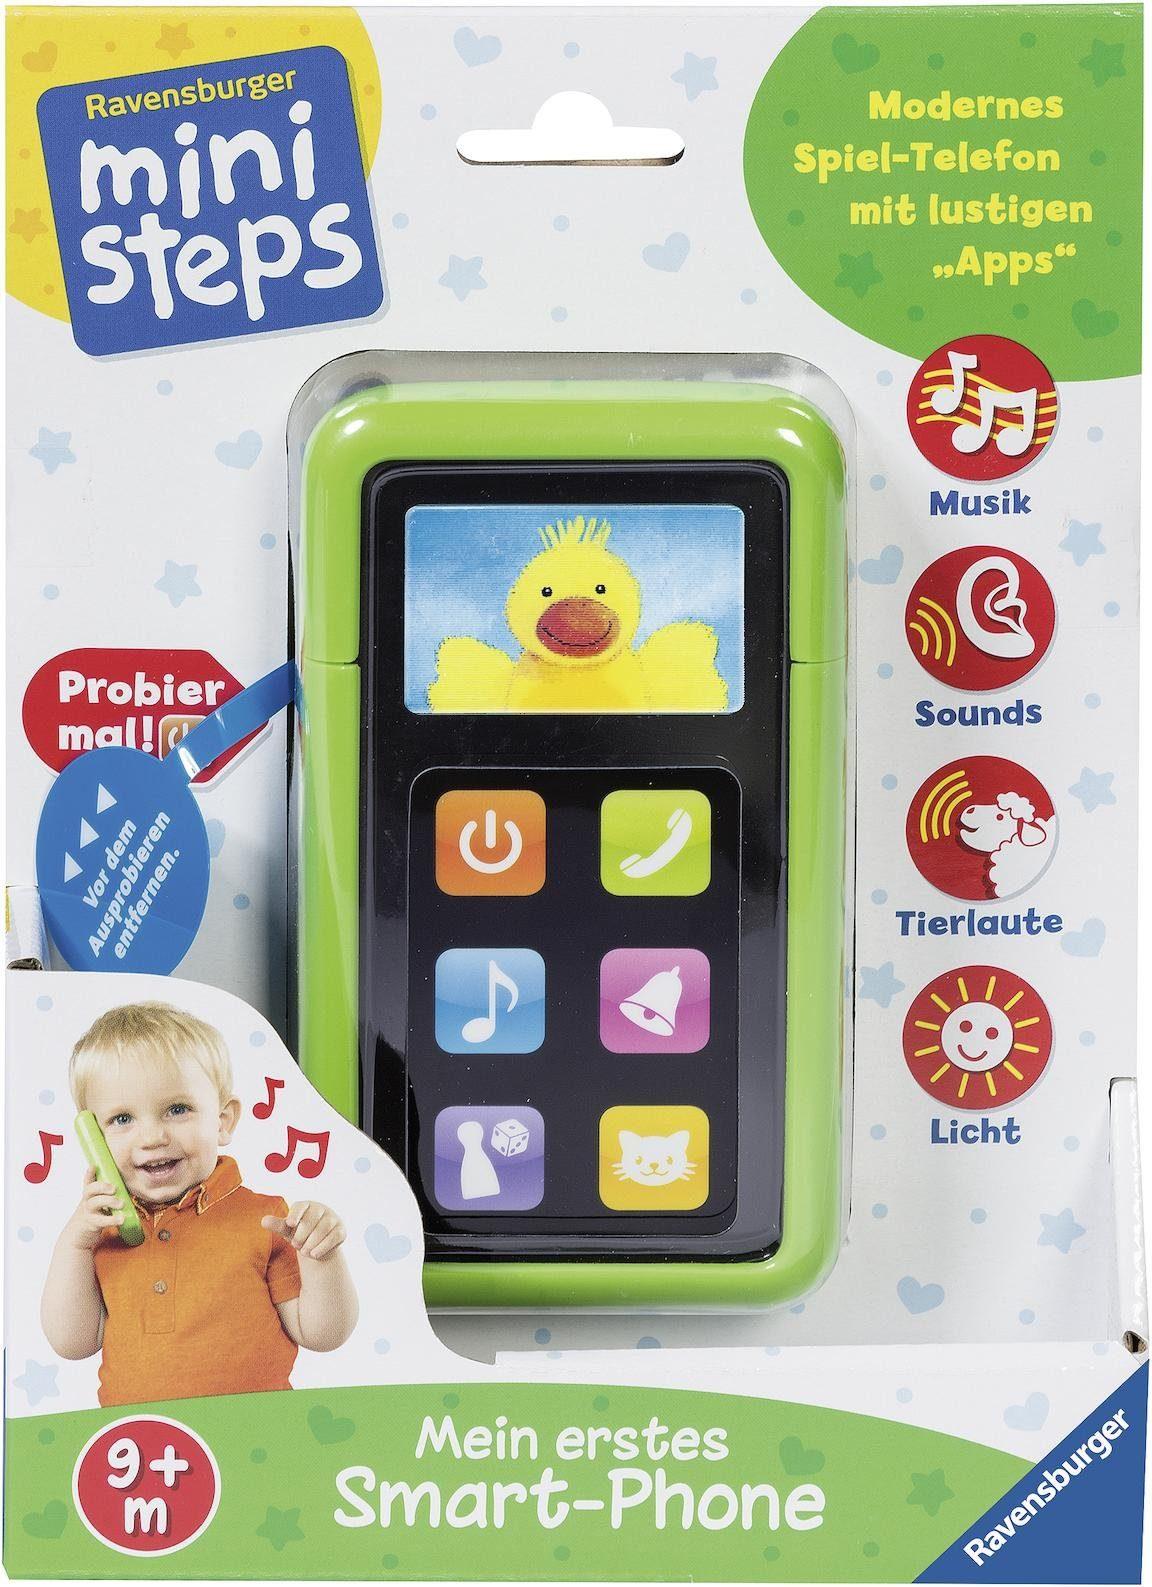 Ravensburger ministeps Mein Erstes Smart-Phone Lernspielzeug Spielzeug Kleinkind Spiele